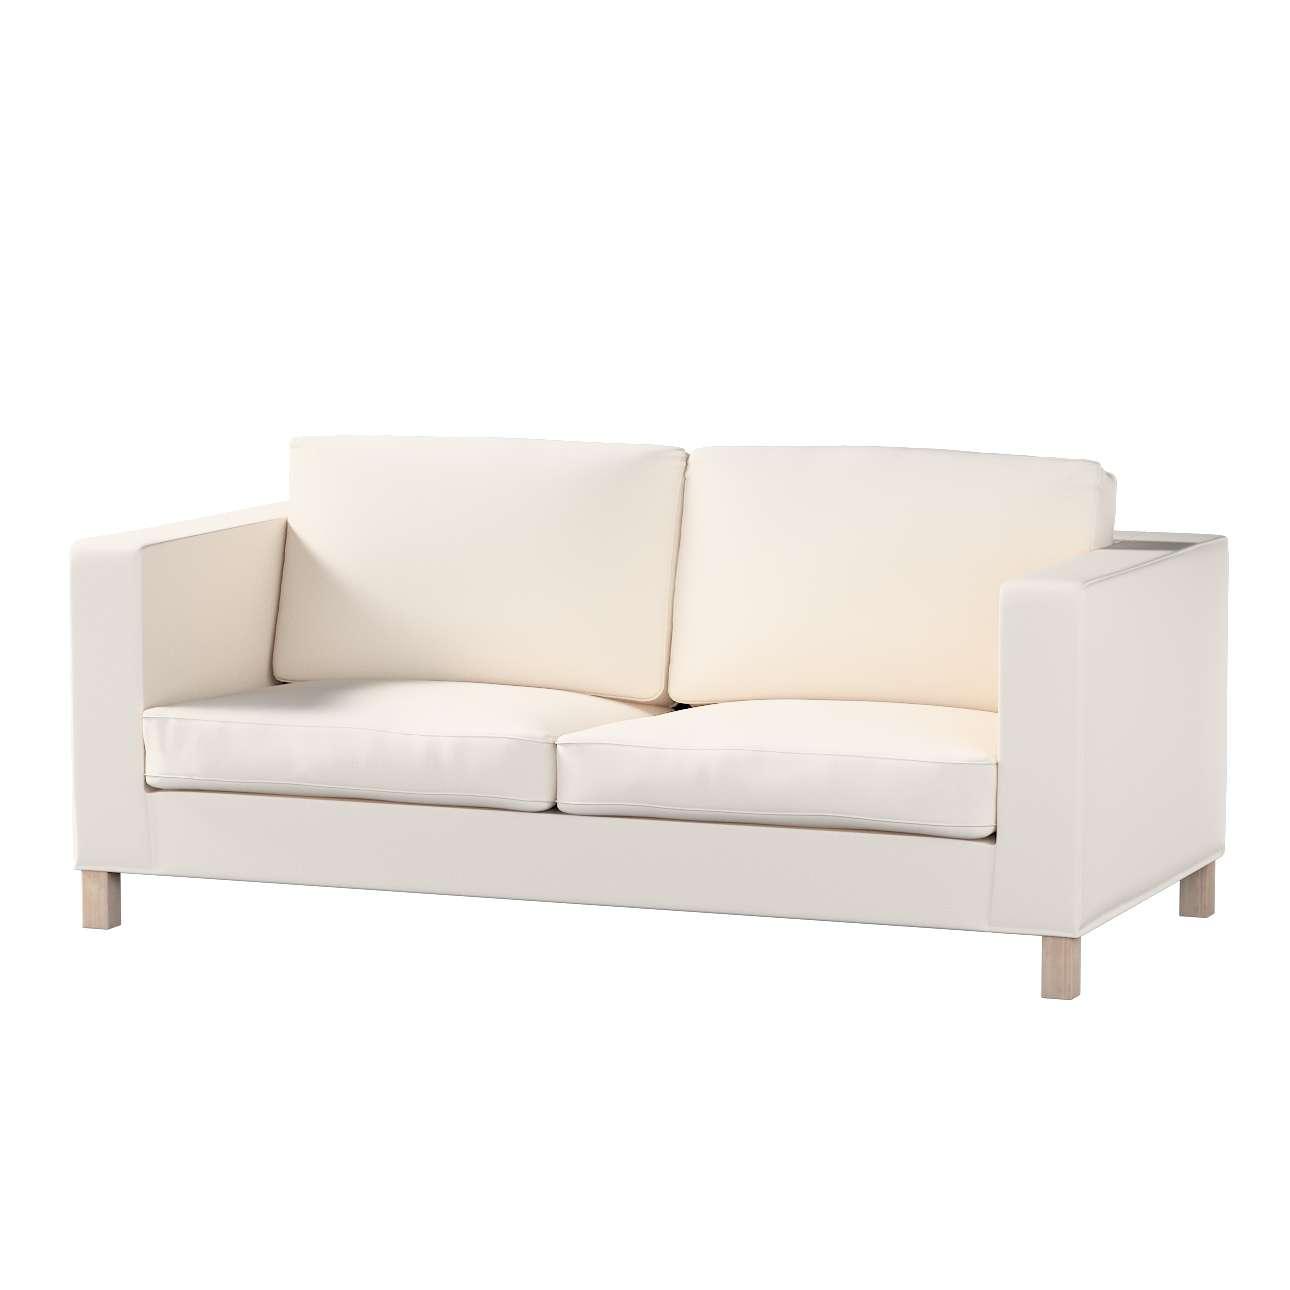 KARLANDA sofos lovos užvalkalas KARLANDA sofos lovos užvalkalas kolekcijoje Etna , audinys: 705-01